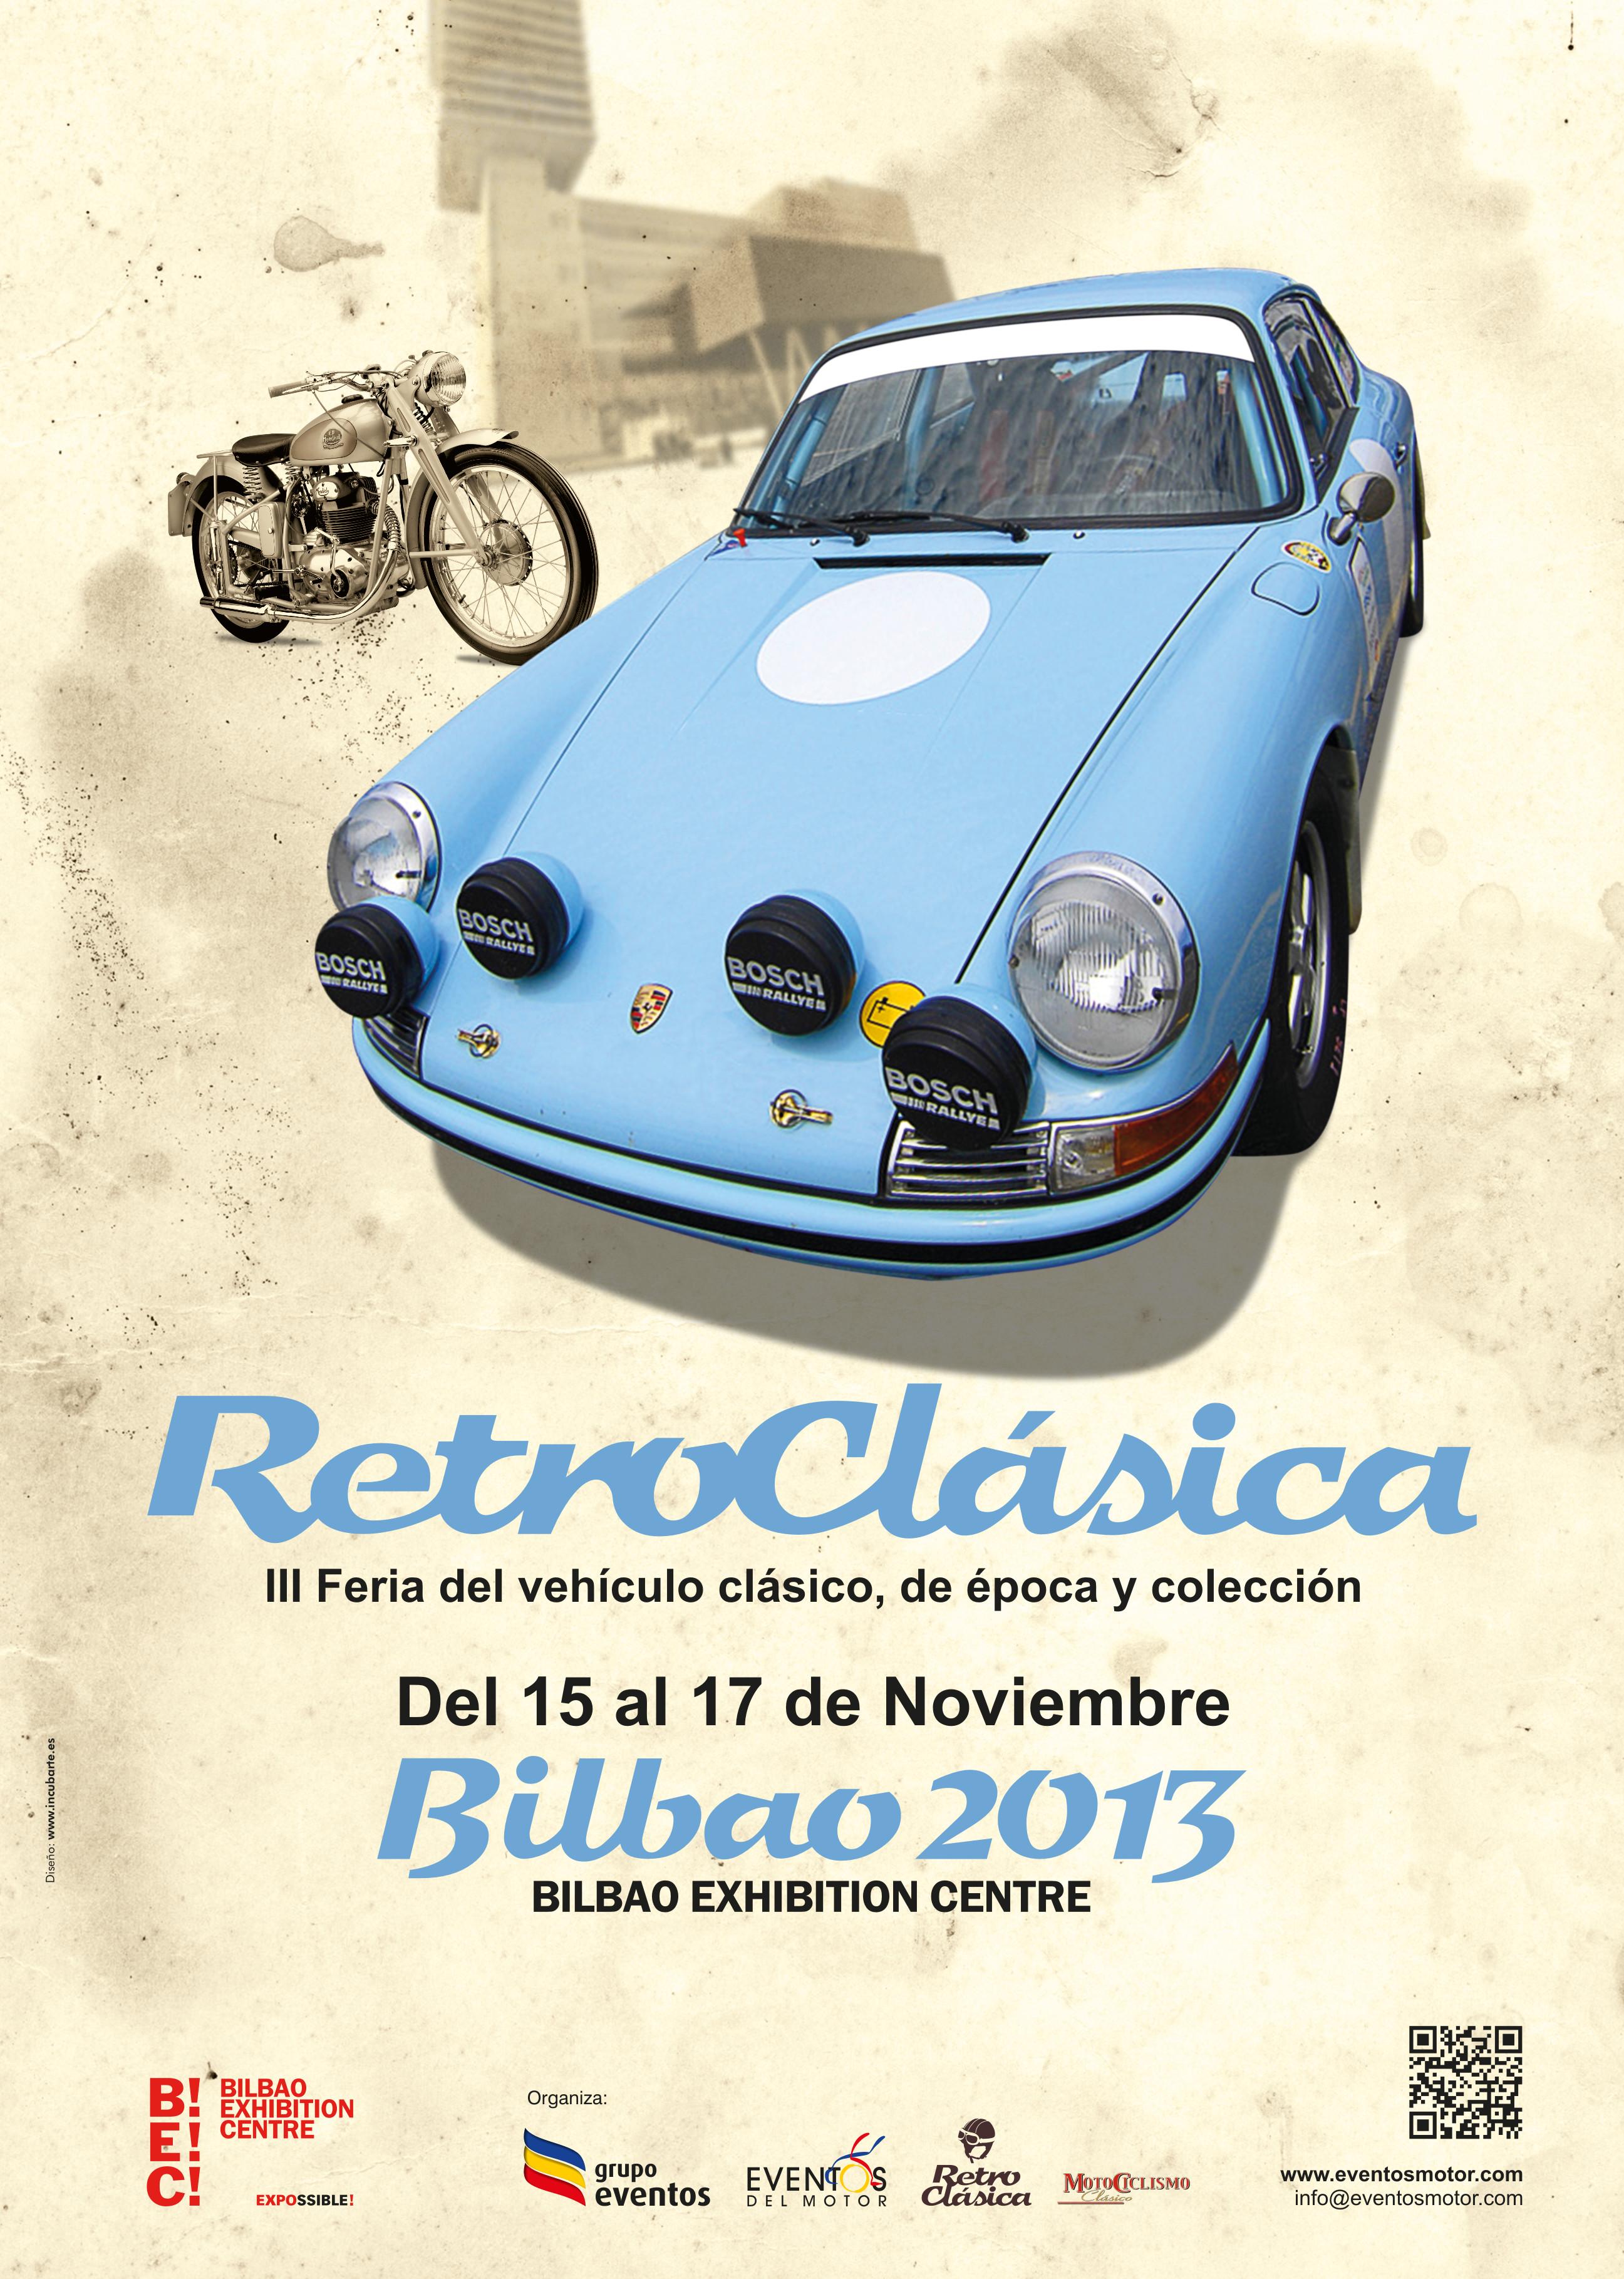 III Retro Clásica Bilbao